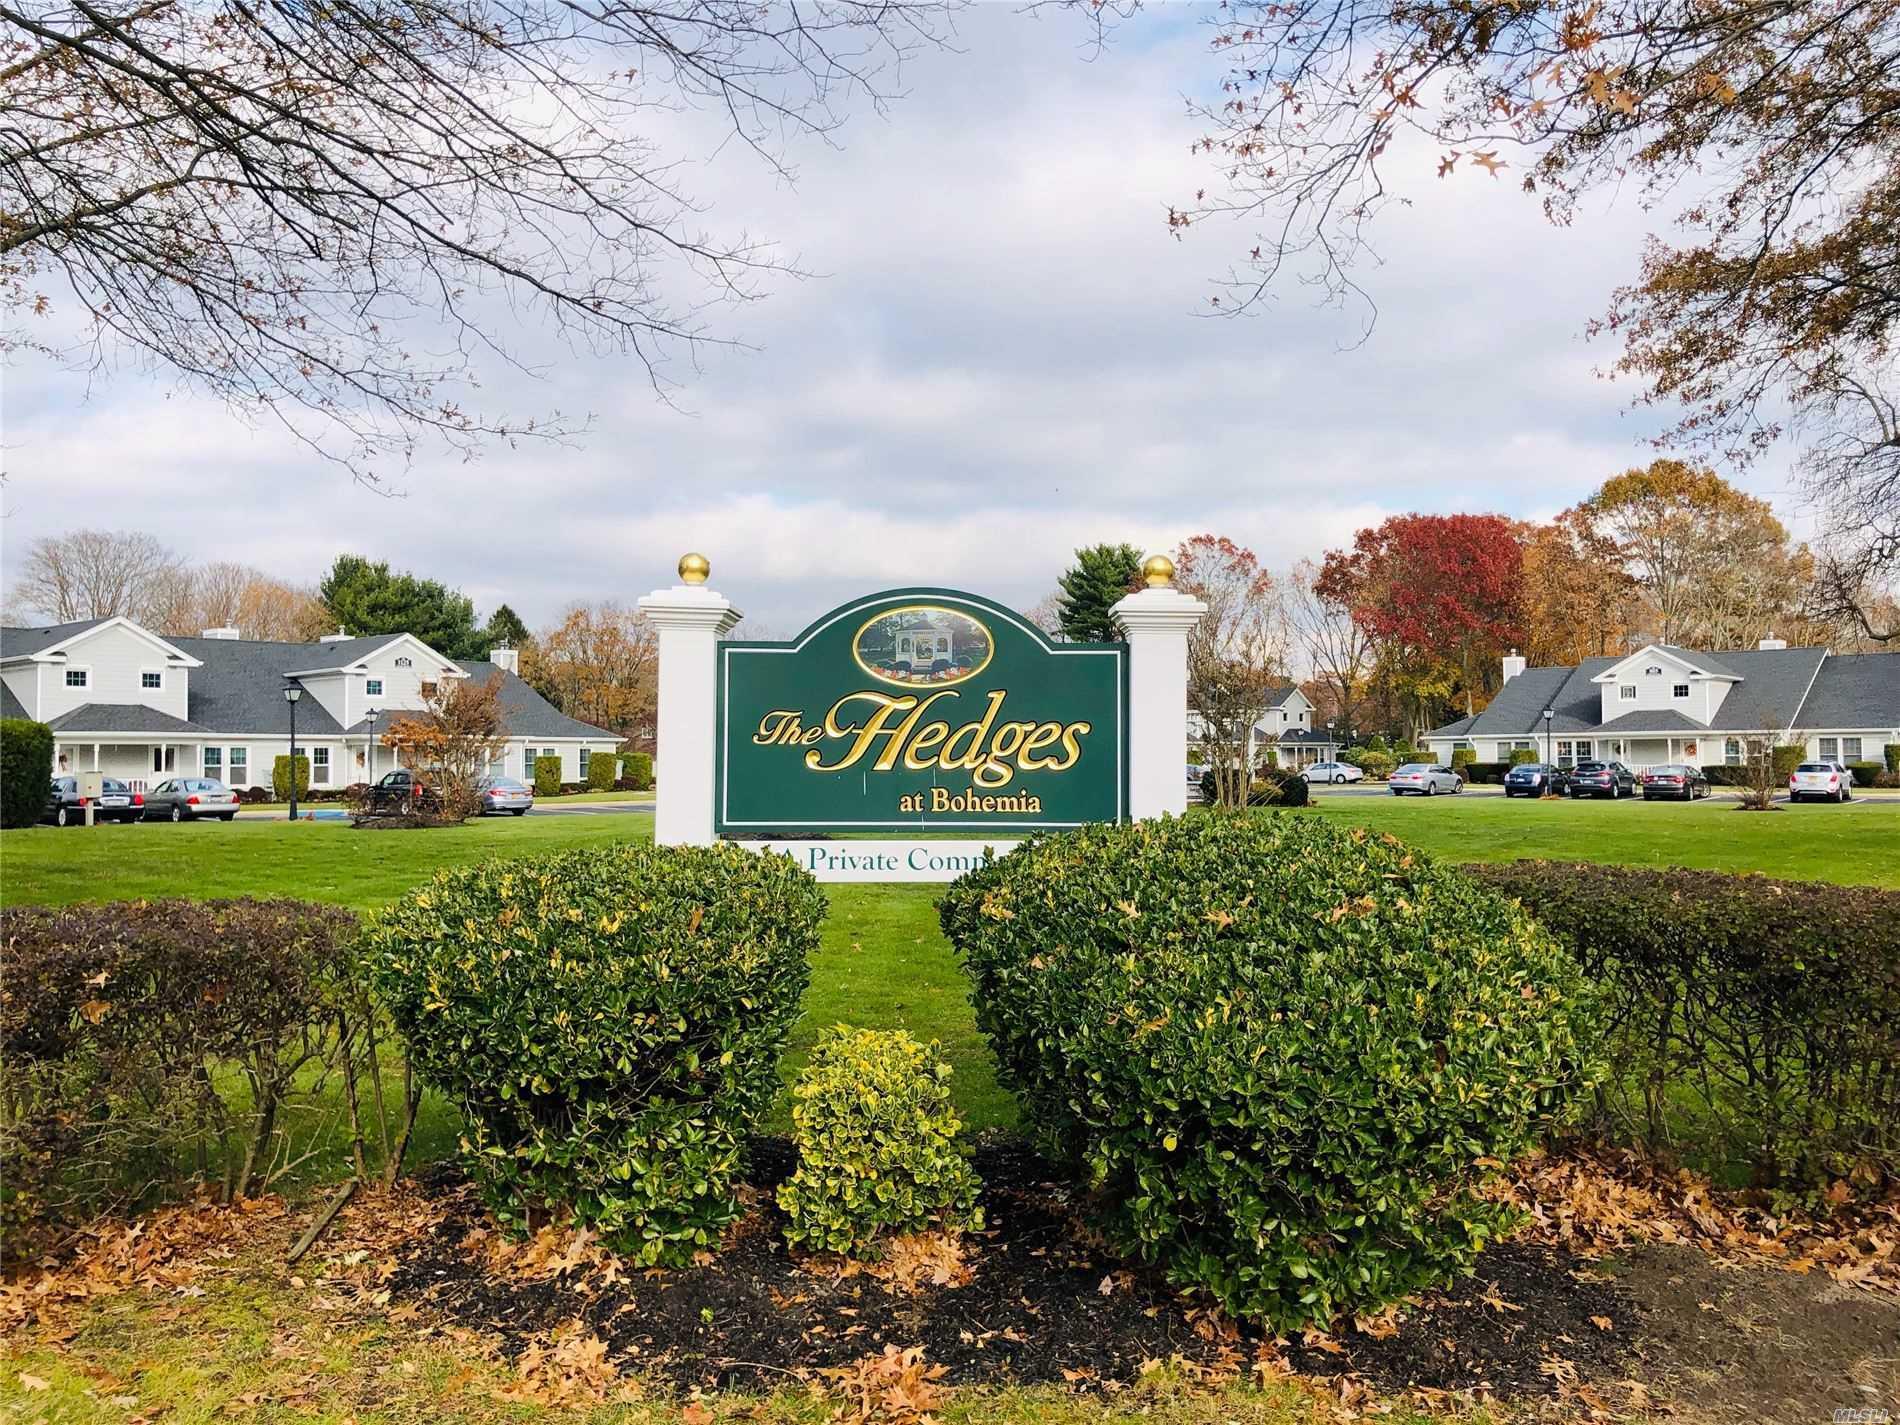 Property for sale at 867 Church Street # 4b, Bohemia NY 11716, Bohemia,  New York 11716